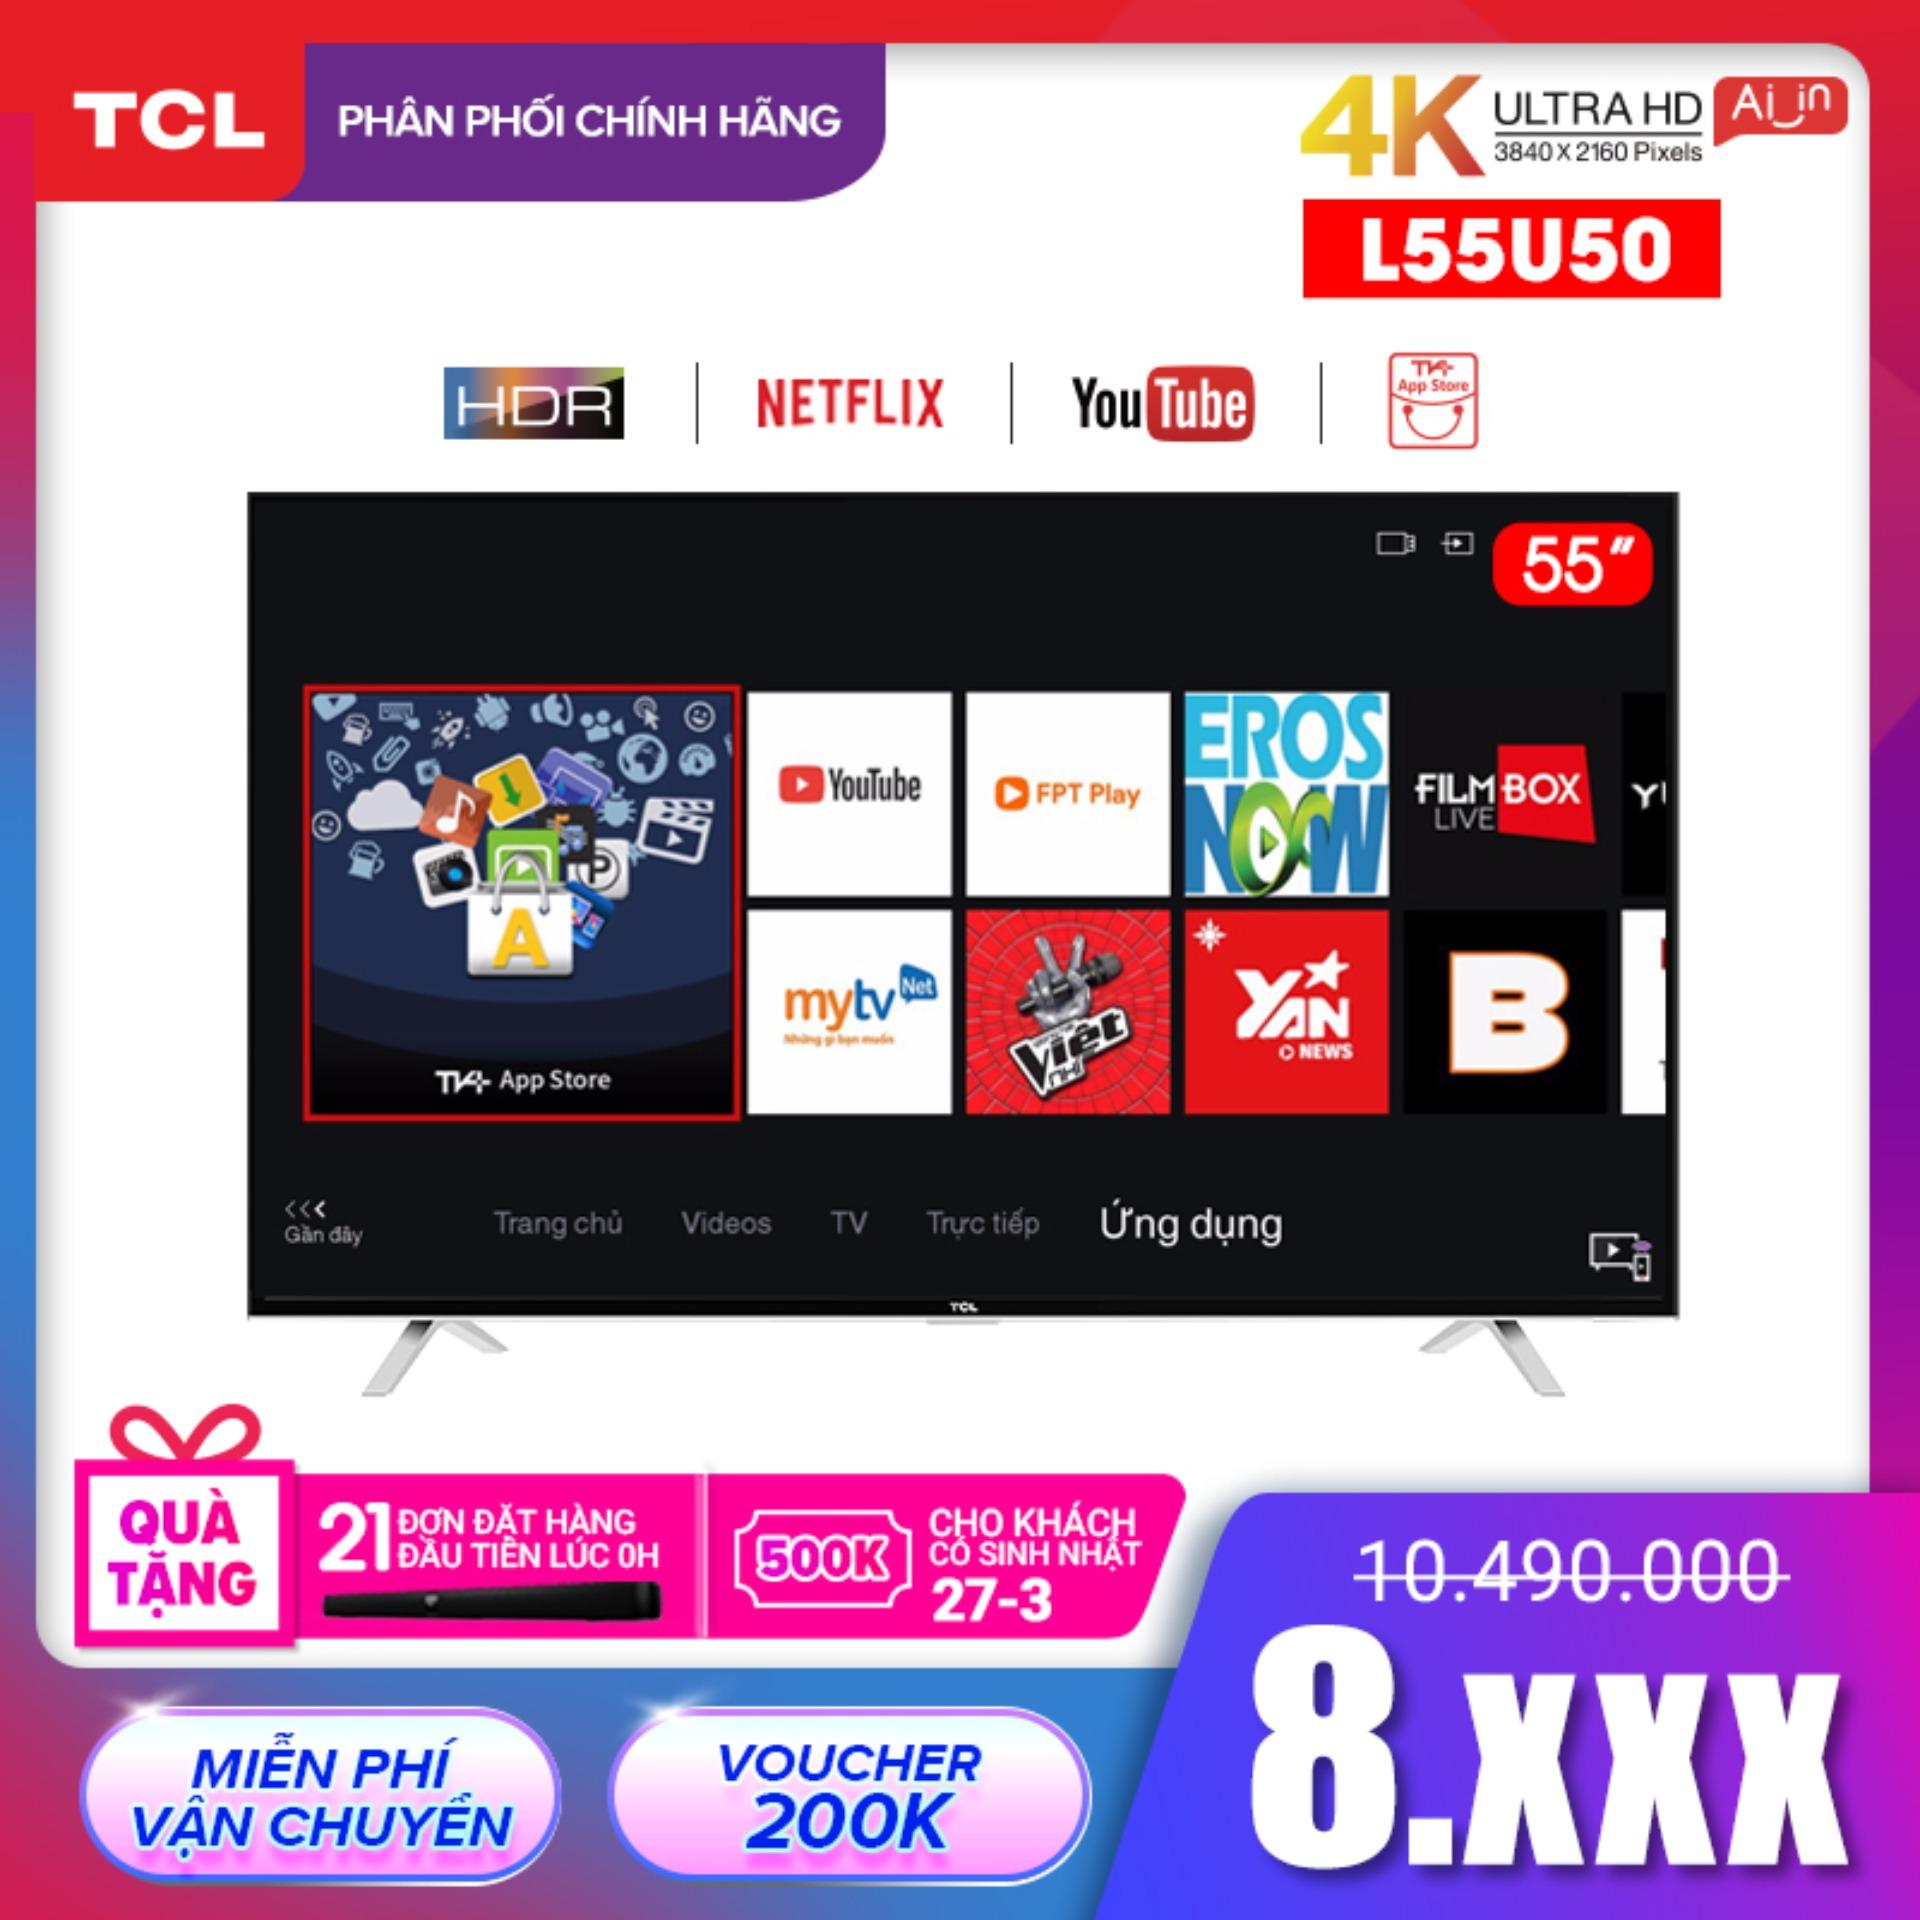 Bảng giá Smart TV TCL 55 inch 4K UHD wifi - L55U50 - HDR, Micro Dimming, Dolby, T-cast - Tivi giá rẻ chất lượng - Bảo hành 3 năm - [Sản phẩm MỚI, ĐỘC QUYỀN trên Lazada]